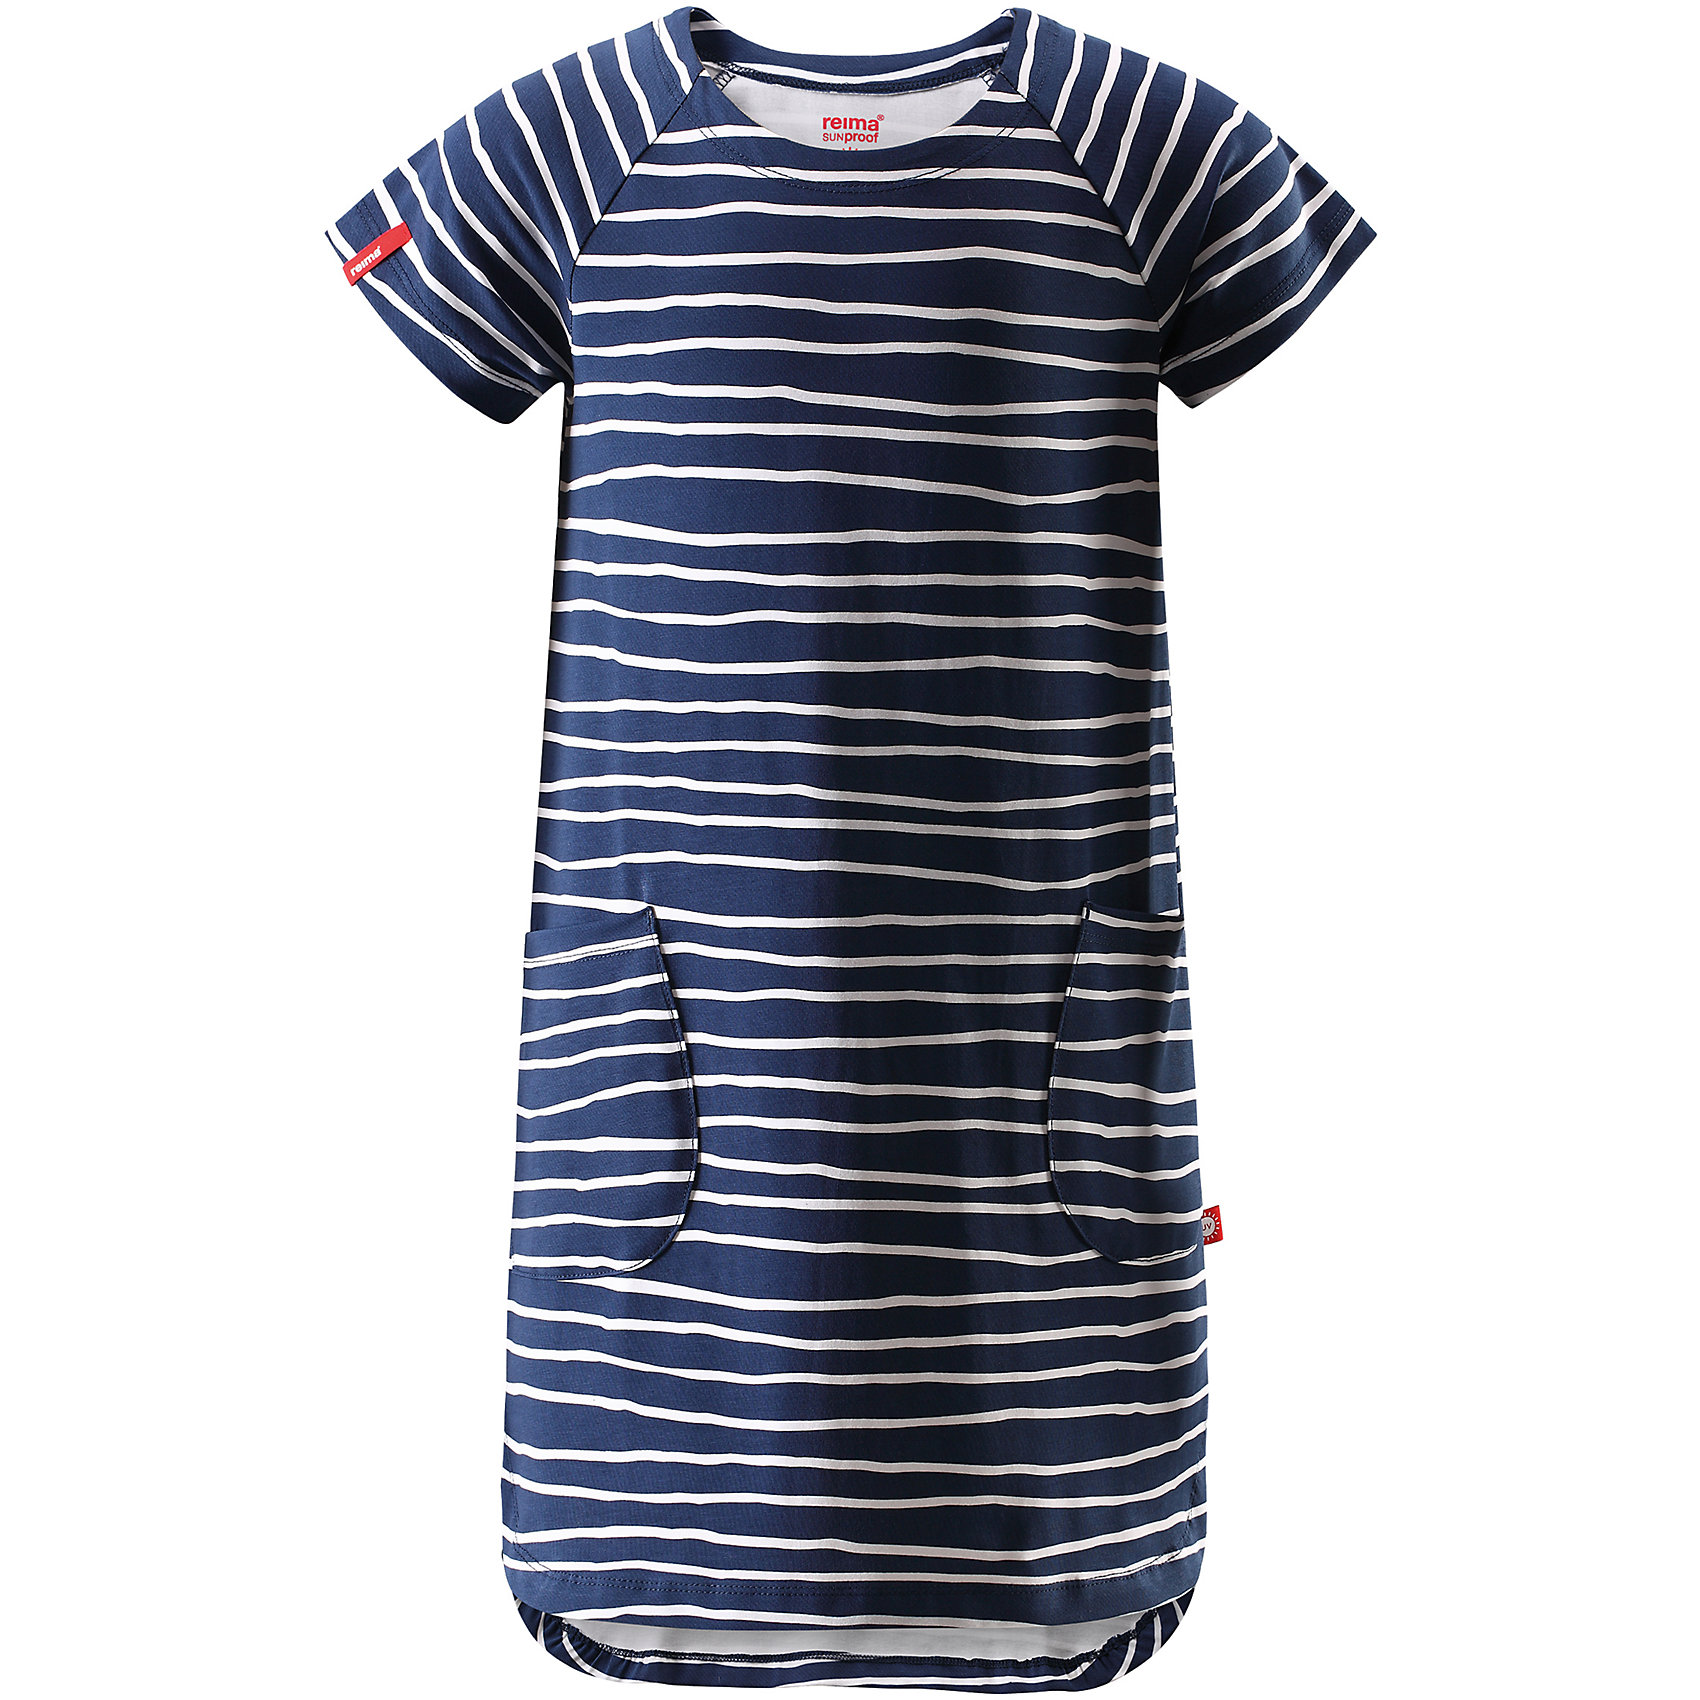 Платье для девочки ReimaОдежда<br>Характеристики товара:<br><br>• цвет: тёмно-синий<br>• состав: 95% хлопок, 5% эластан<br>• удобный эластичный материал<br>• трапециевидный силуэт<br>• два накладных кармана<br>• страна бренда: Финляндия<br>• страна производства: Китай<br><br>Одежда может быть модной и комфортной одновременно! Удобное симпатичное платье поможет обеспечить ребенку комфорт - оно не стесняет движения и удобно сидит. Стильный дизайн разрабатывался специально для детей.<br><br>Уход:<br><br>• стирать и гладить, вывернув наизнанку<br>• стирать с бельем одинакового цвета<br>• стирать моющим средством, не содержащим отбеливающие вещества<br>• полоскать без специального средства<br>• придать первоначальную форму вo влажном виде.<br><br>Платье для девочки от финского бренда Reima (Рейма) можно купить в нашем интернет-магазине.<br><br>Ширина мм: 236<br>Глубина мм: 16<br>Высота мм: 184<br>Вес г: 177<br>Цвет: синий<br>Возраст от месяцев: 36<br>Возраст до месяцев: 48<br>Пол: Женский<br>Возраст: Детский<br>Размер: 104,140,134,122,116,110,128<br>SKU: 5268166